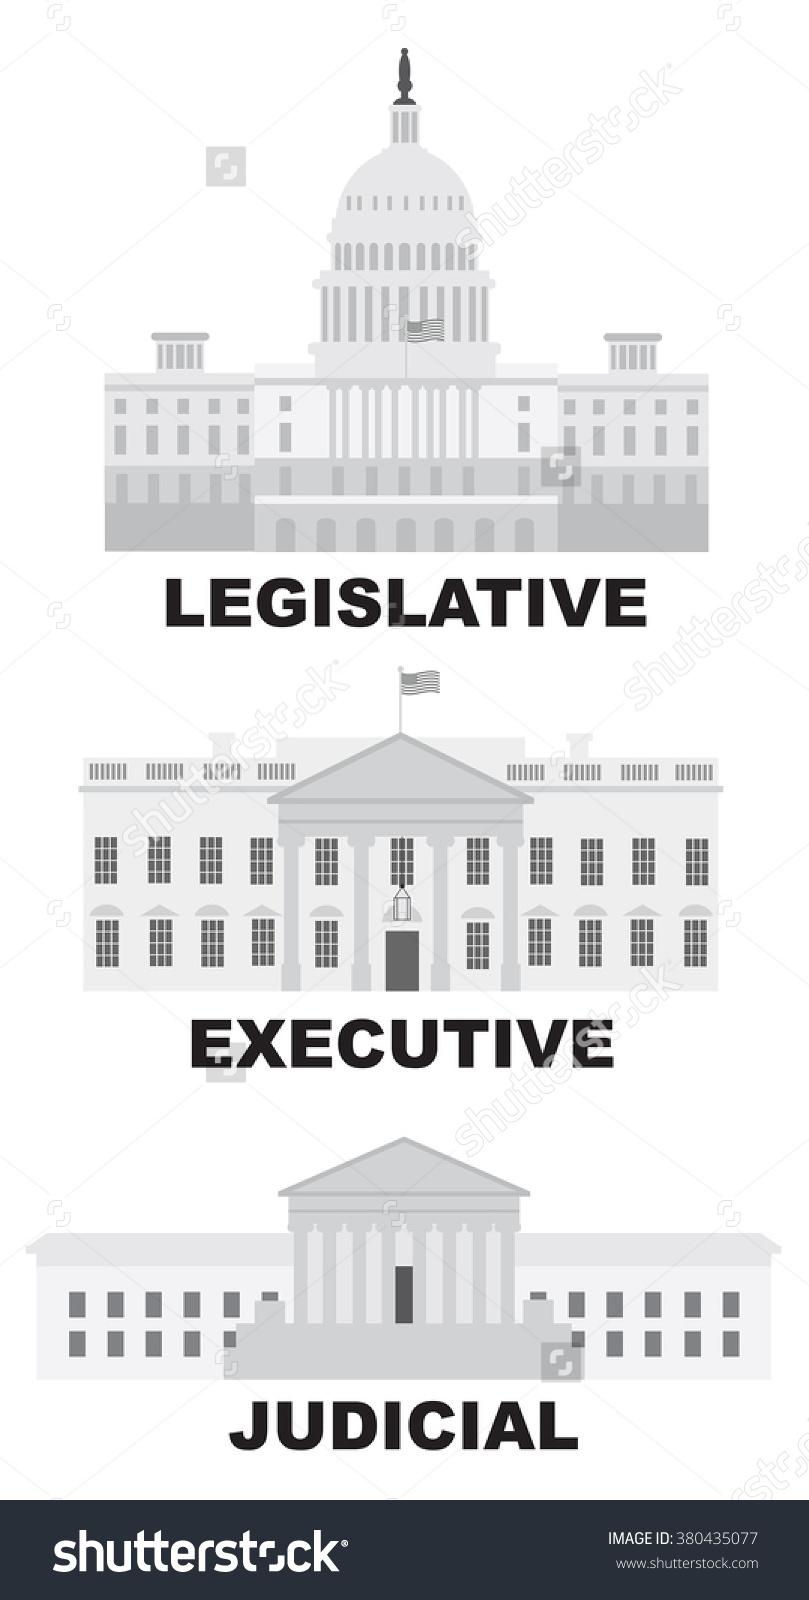 Legislative building clipart #12